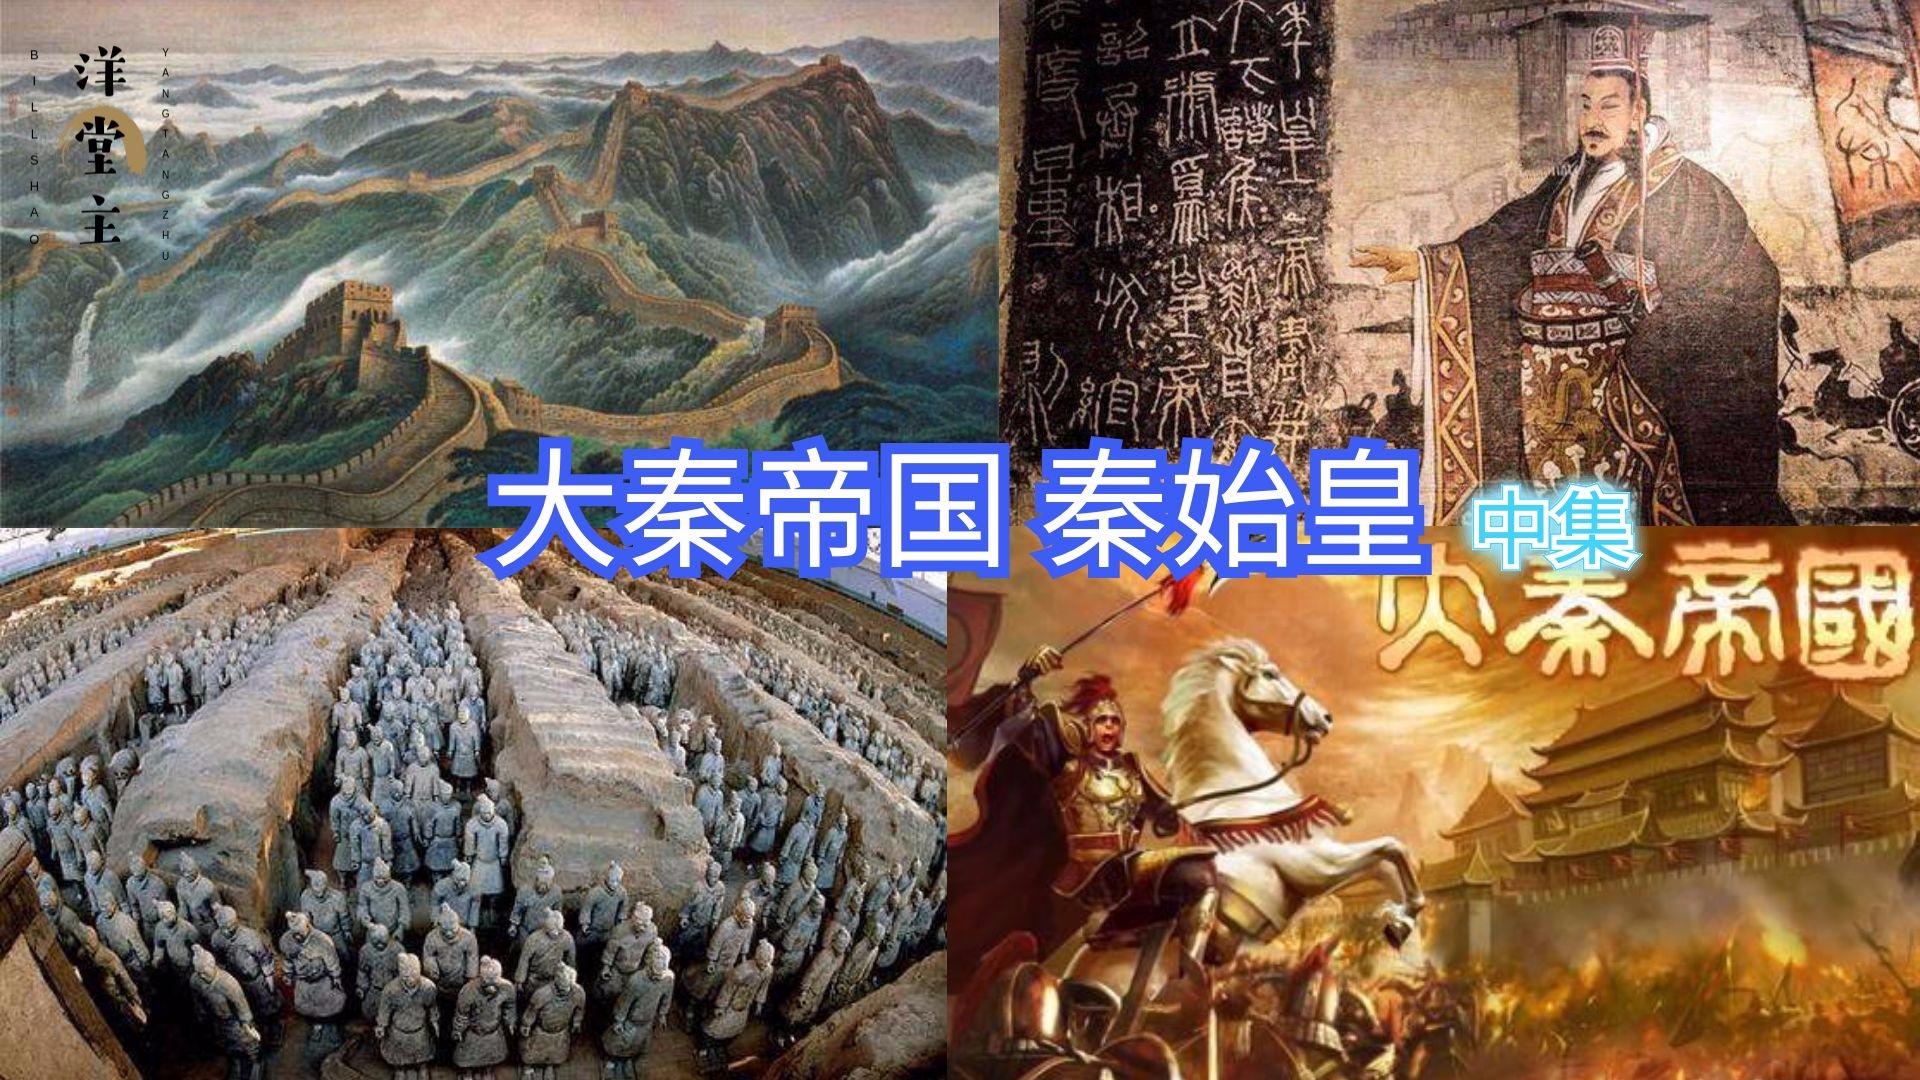 嬴政:统一六国 南平百越 北击匈奴 建皇帝制度 修万里长城 中集